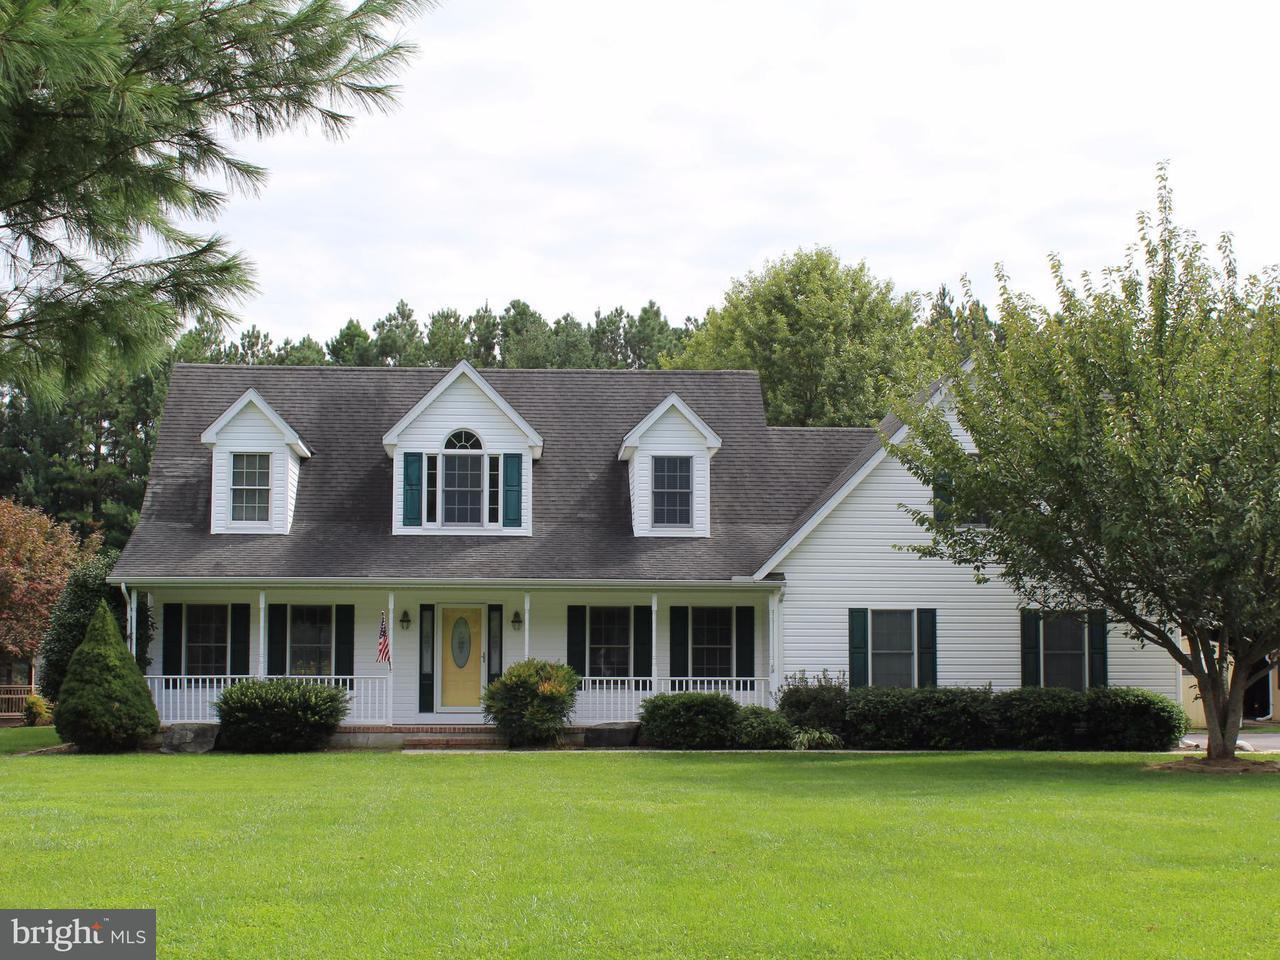 단독 가정 주택 용 매매 에 13399 WYE LANDING Lane 13399 WYE LANDING Lane Wye Mills, 메릴랜드 21679 미국